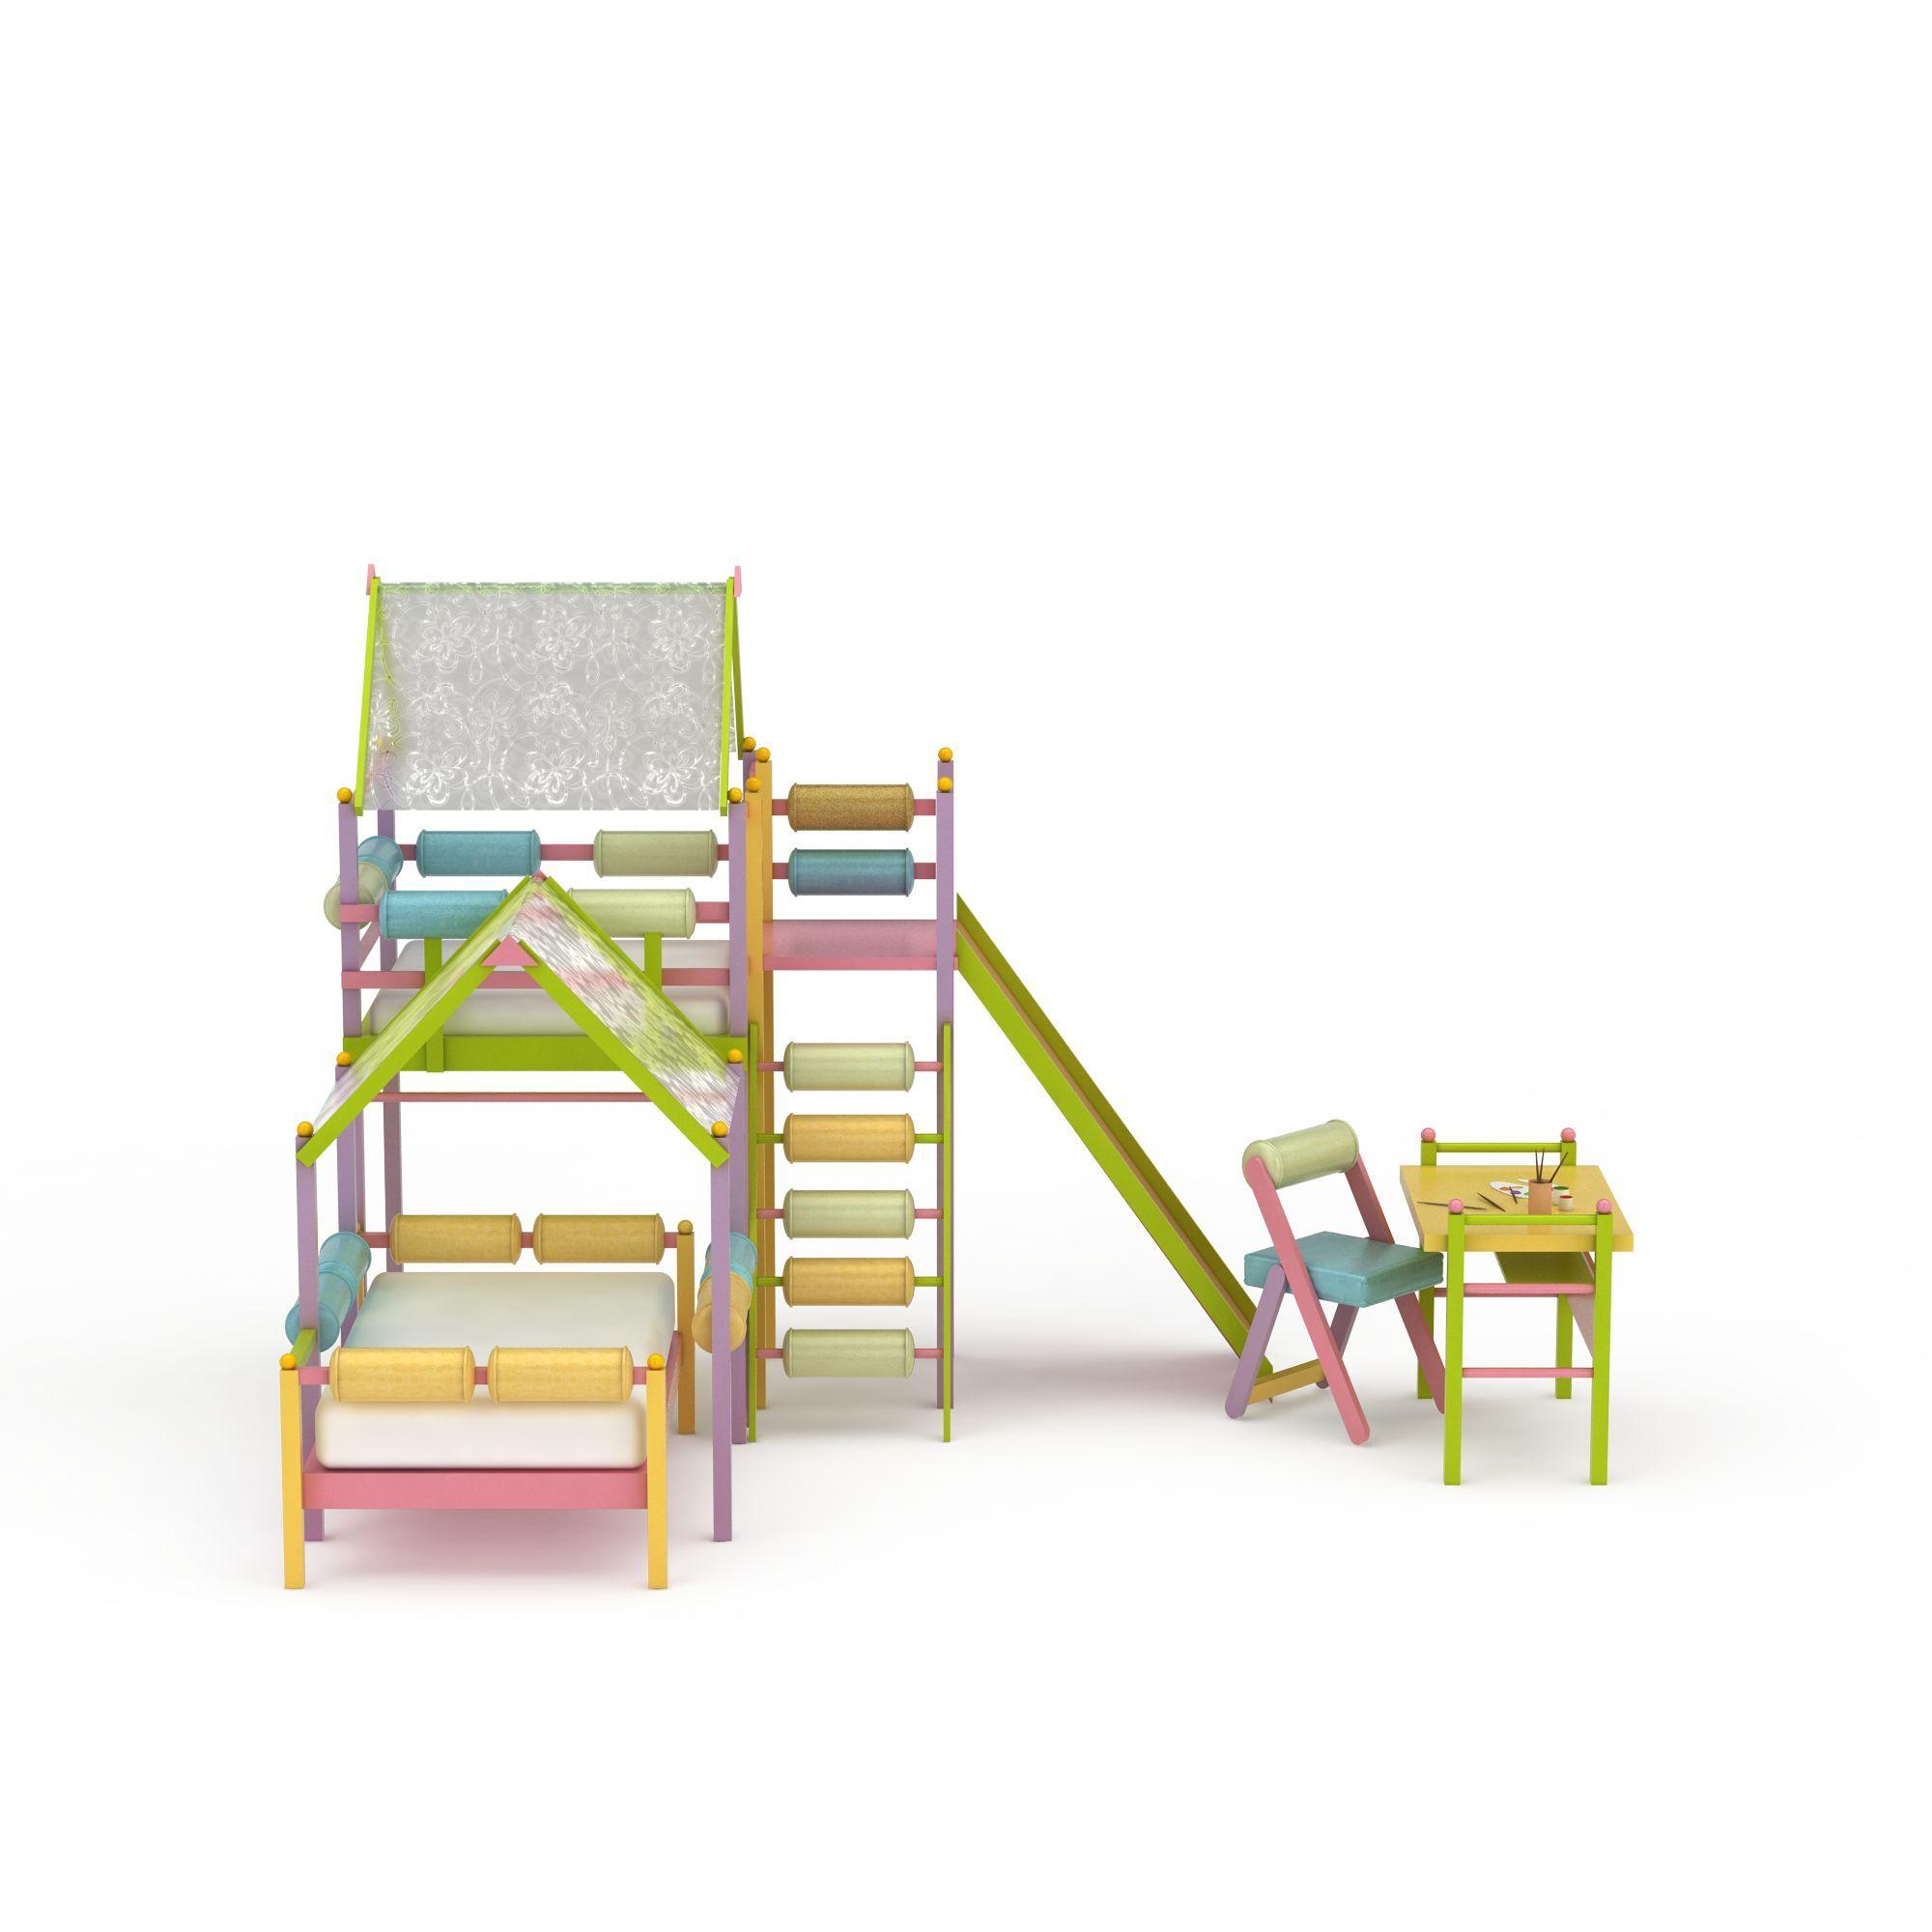 创意儿童房家具png高清图  创意儿童房家具高清图详情 设计师 3d学院